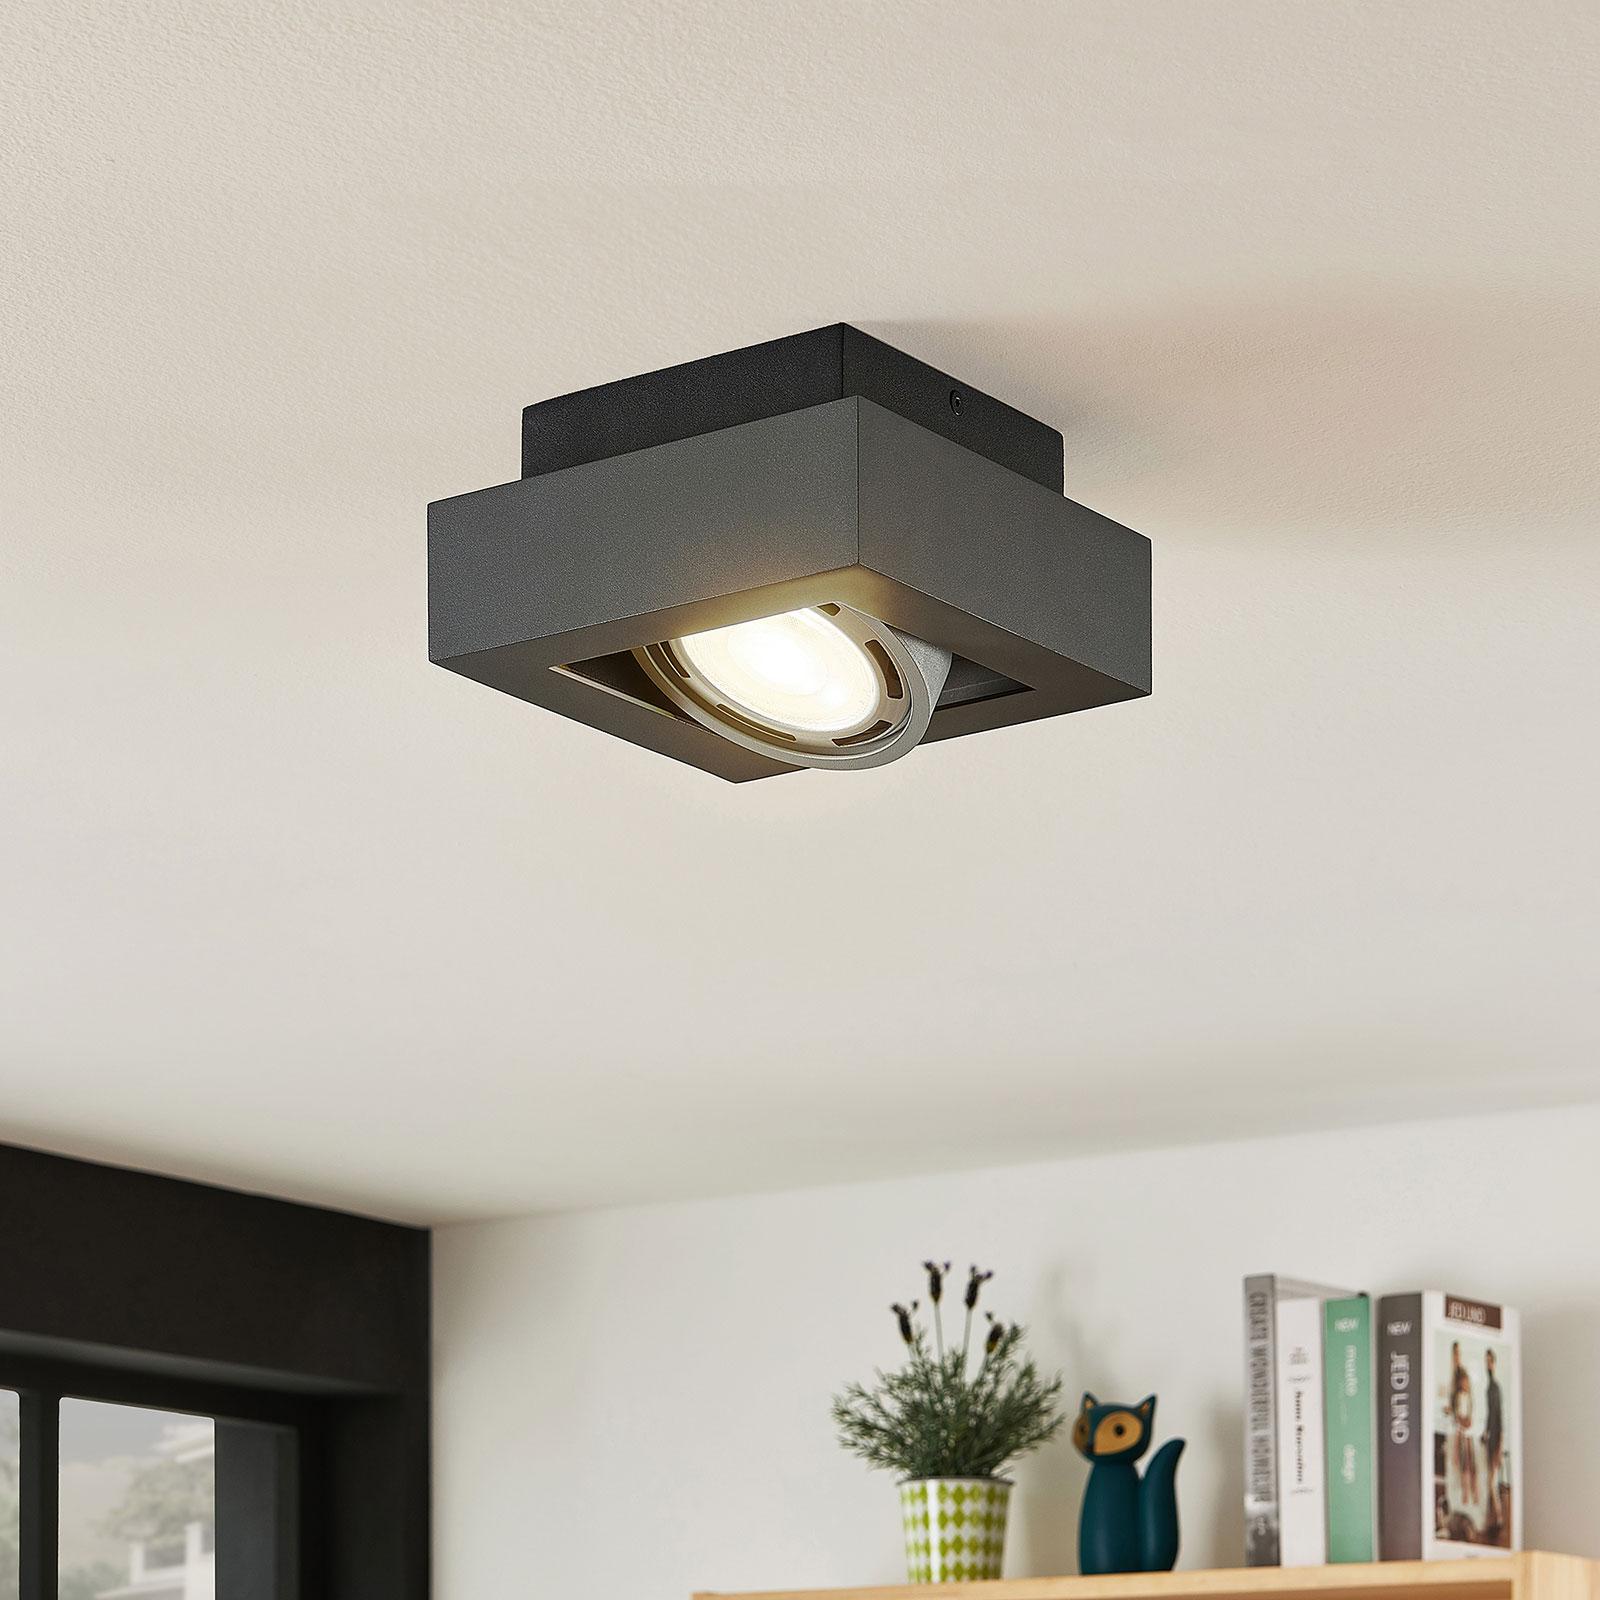 Spot pour plafond LED Ronka, 1 lampe, gris foncé